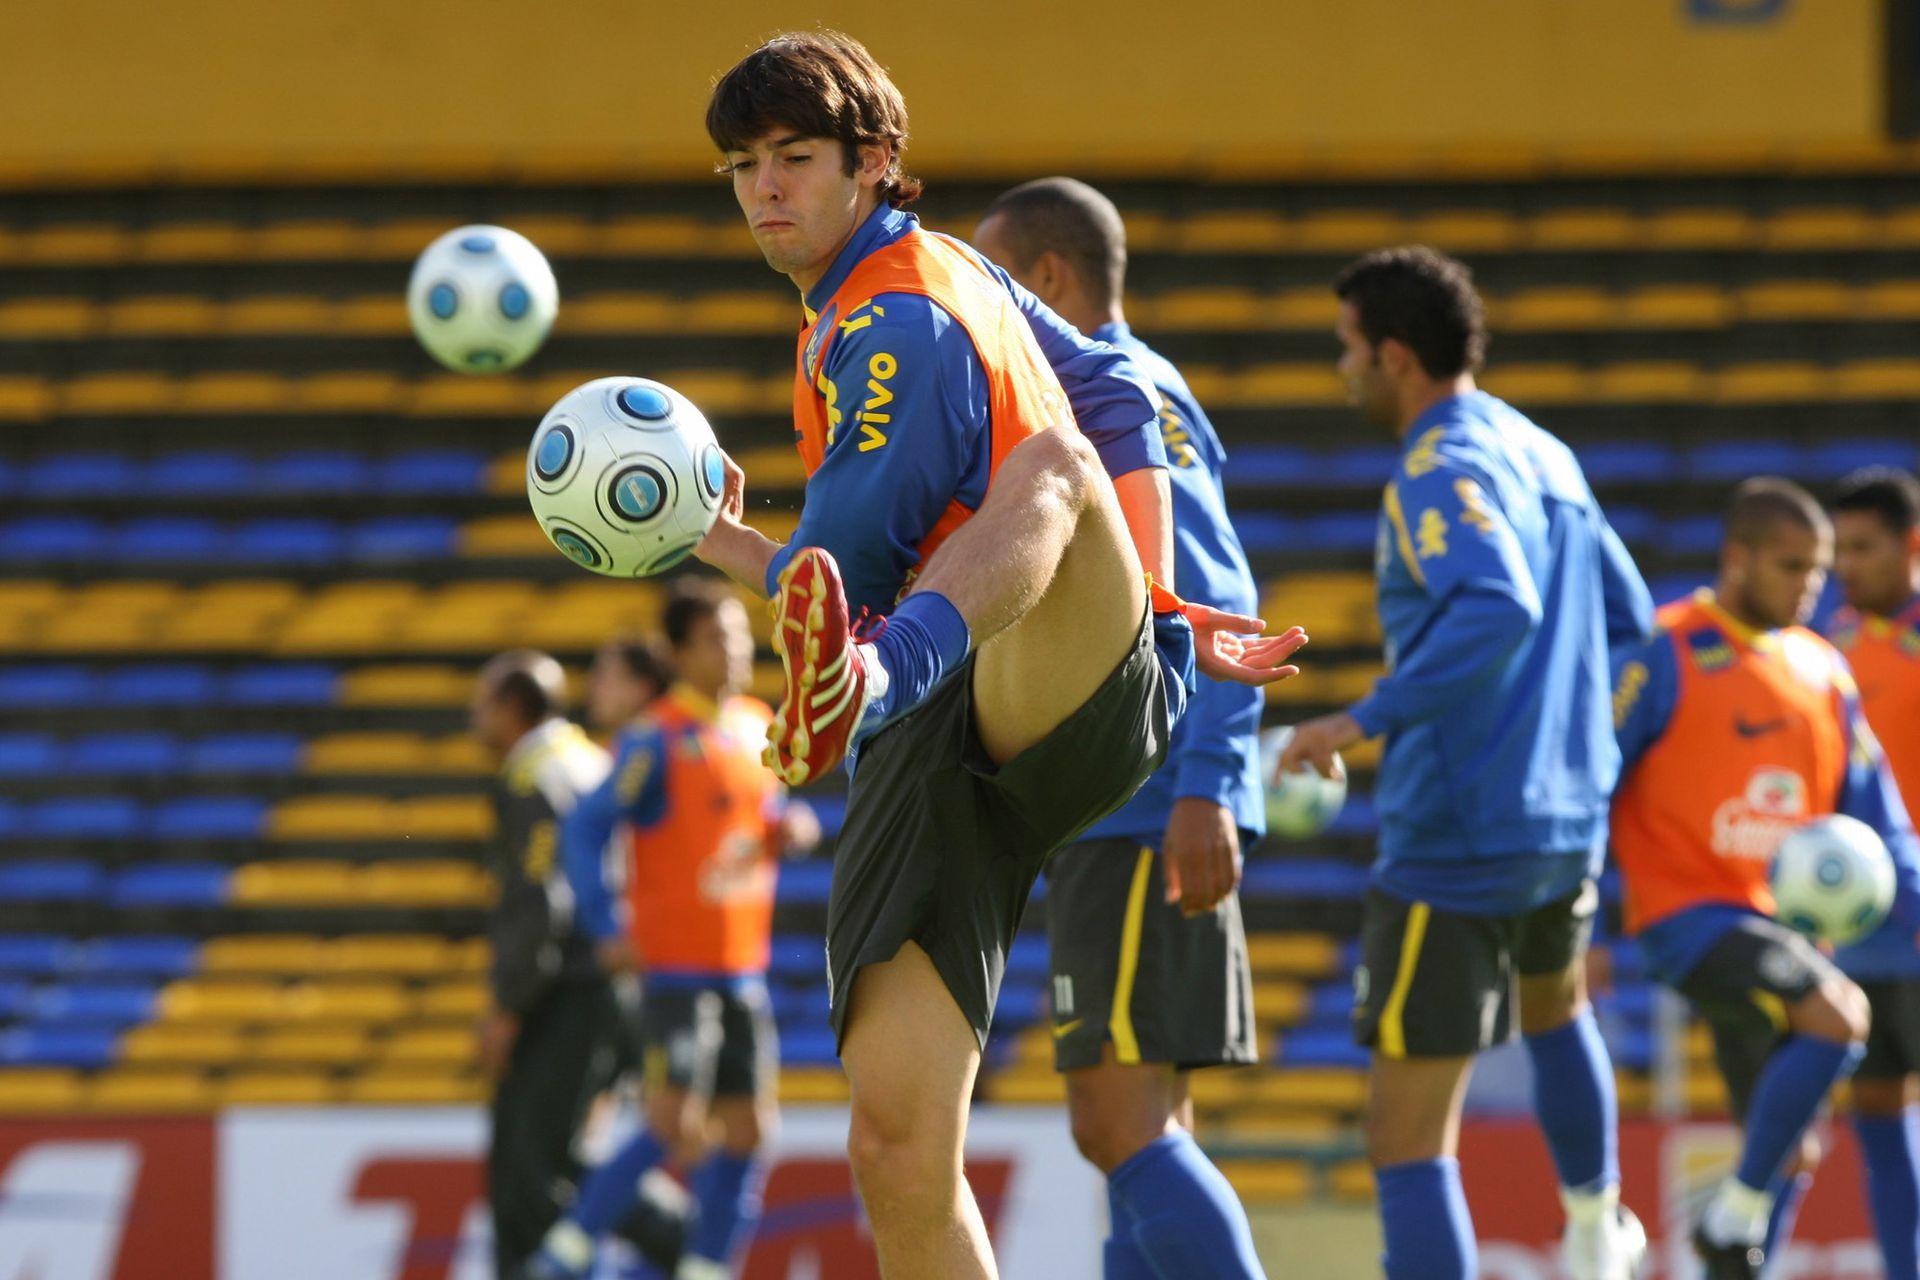 Kaká (4 de septiembre de 2009): la Argentina sufrió mucho la eliminatoria para Sudáfrica 2010; Brasil goleó por 3 a 1 al equipo de Maradona en Rosario; el exquisito mediocampista brasileño (el mejor del mundo en 2007), durante la práctica del día anterior al partido en el Gigante de Arroyito